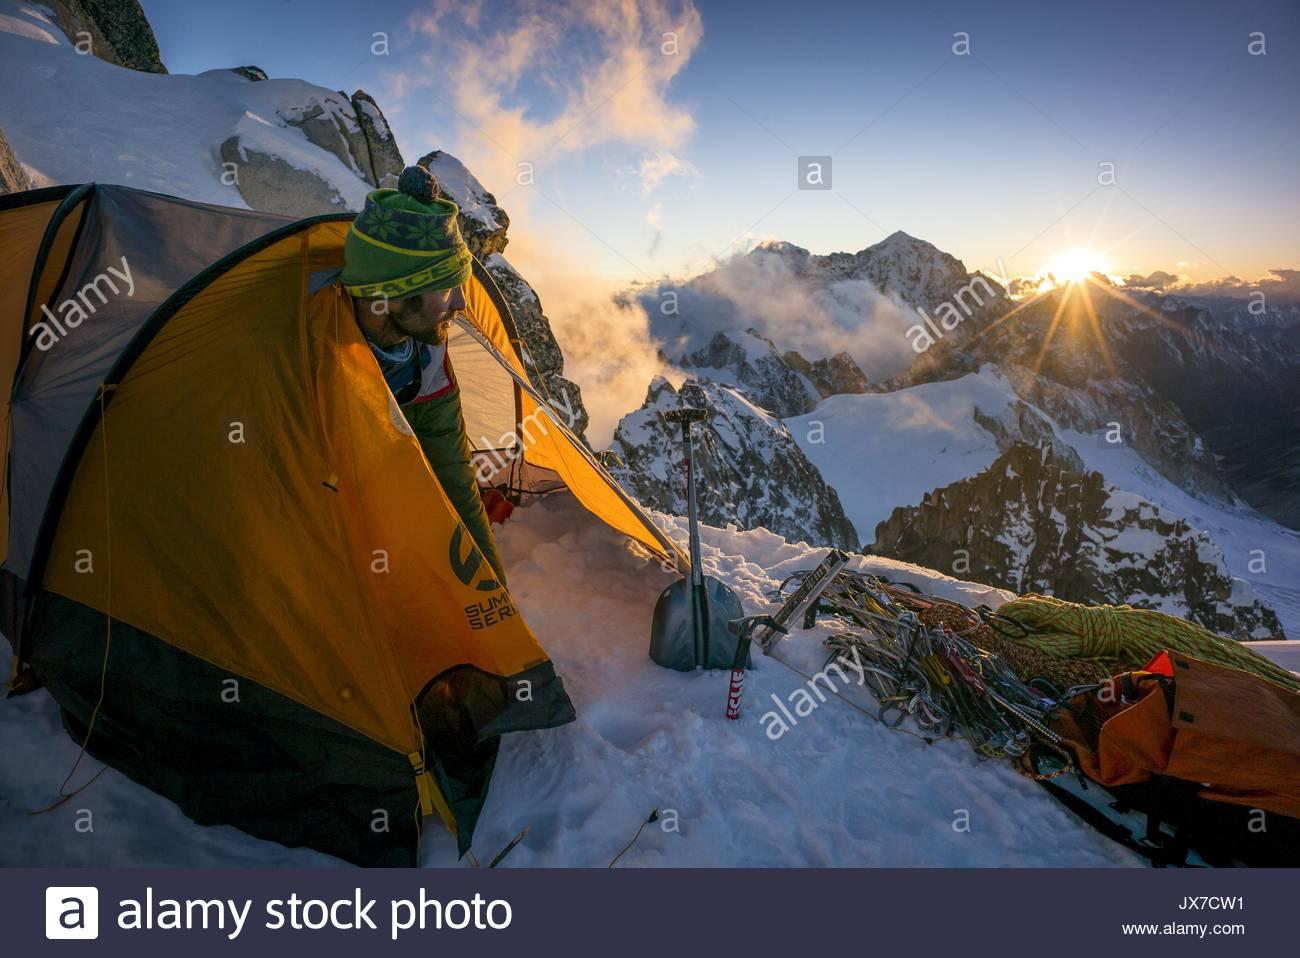 Un montañero surge de una carpa en el Campamento III como el sol se pone con Gamalang Razi en la distancia. Imagen De Stock